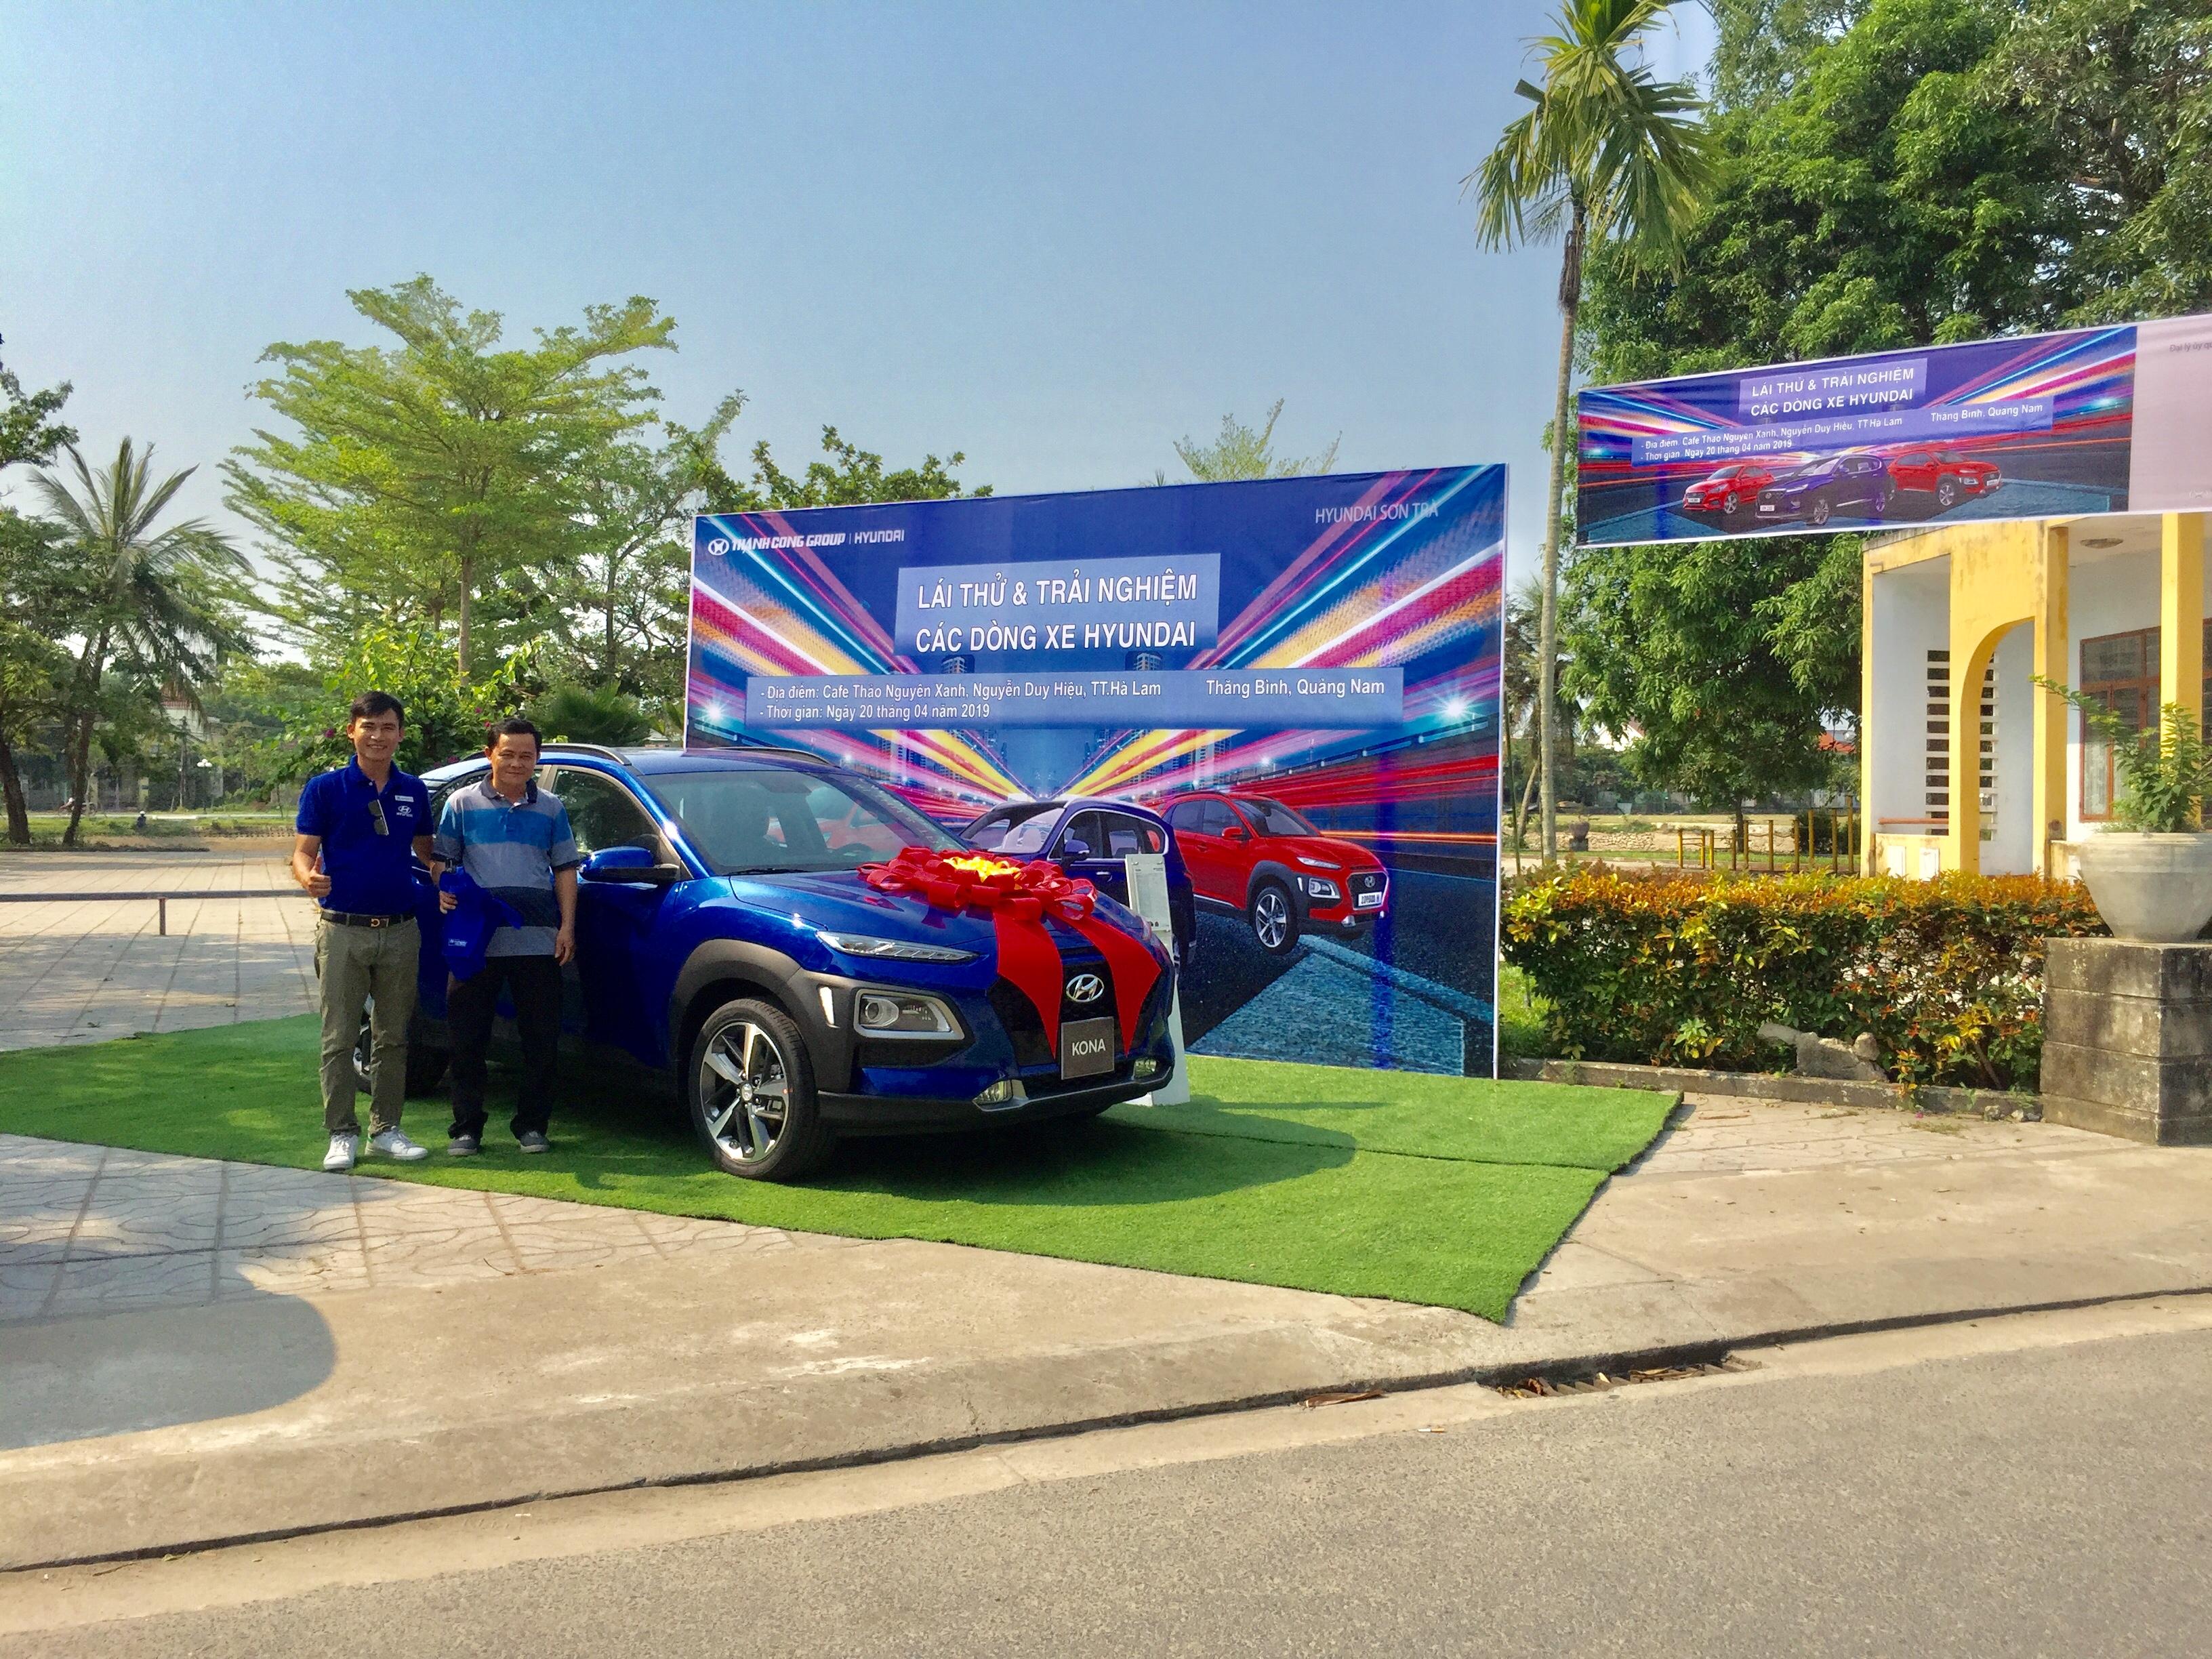 Chương Trình Lái Thử Xe Hyundai Sơn Trà tại Thăng Bình, Quảng Nam